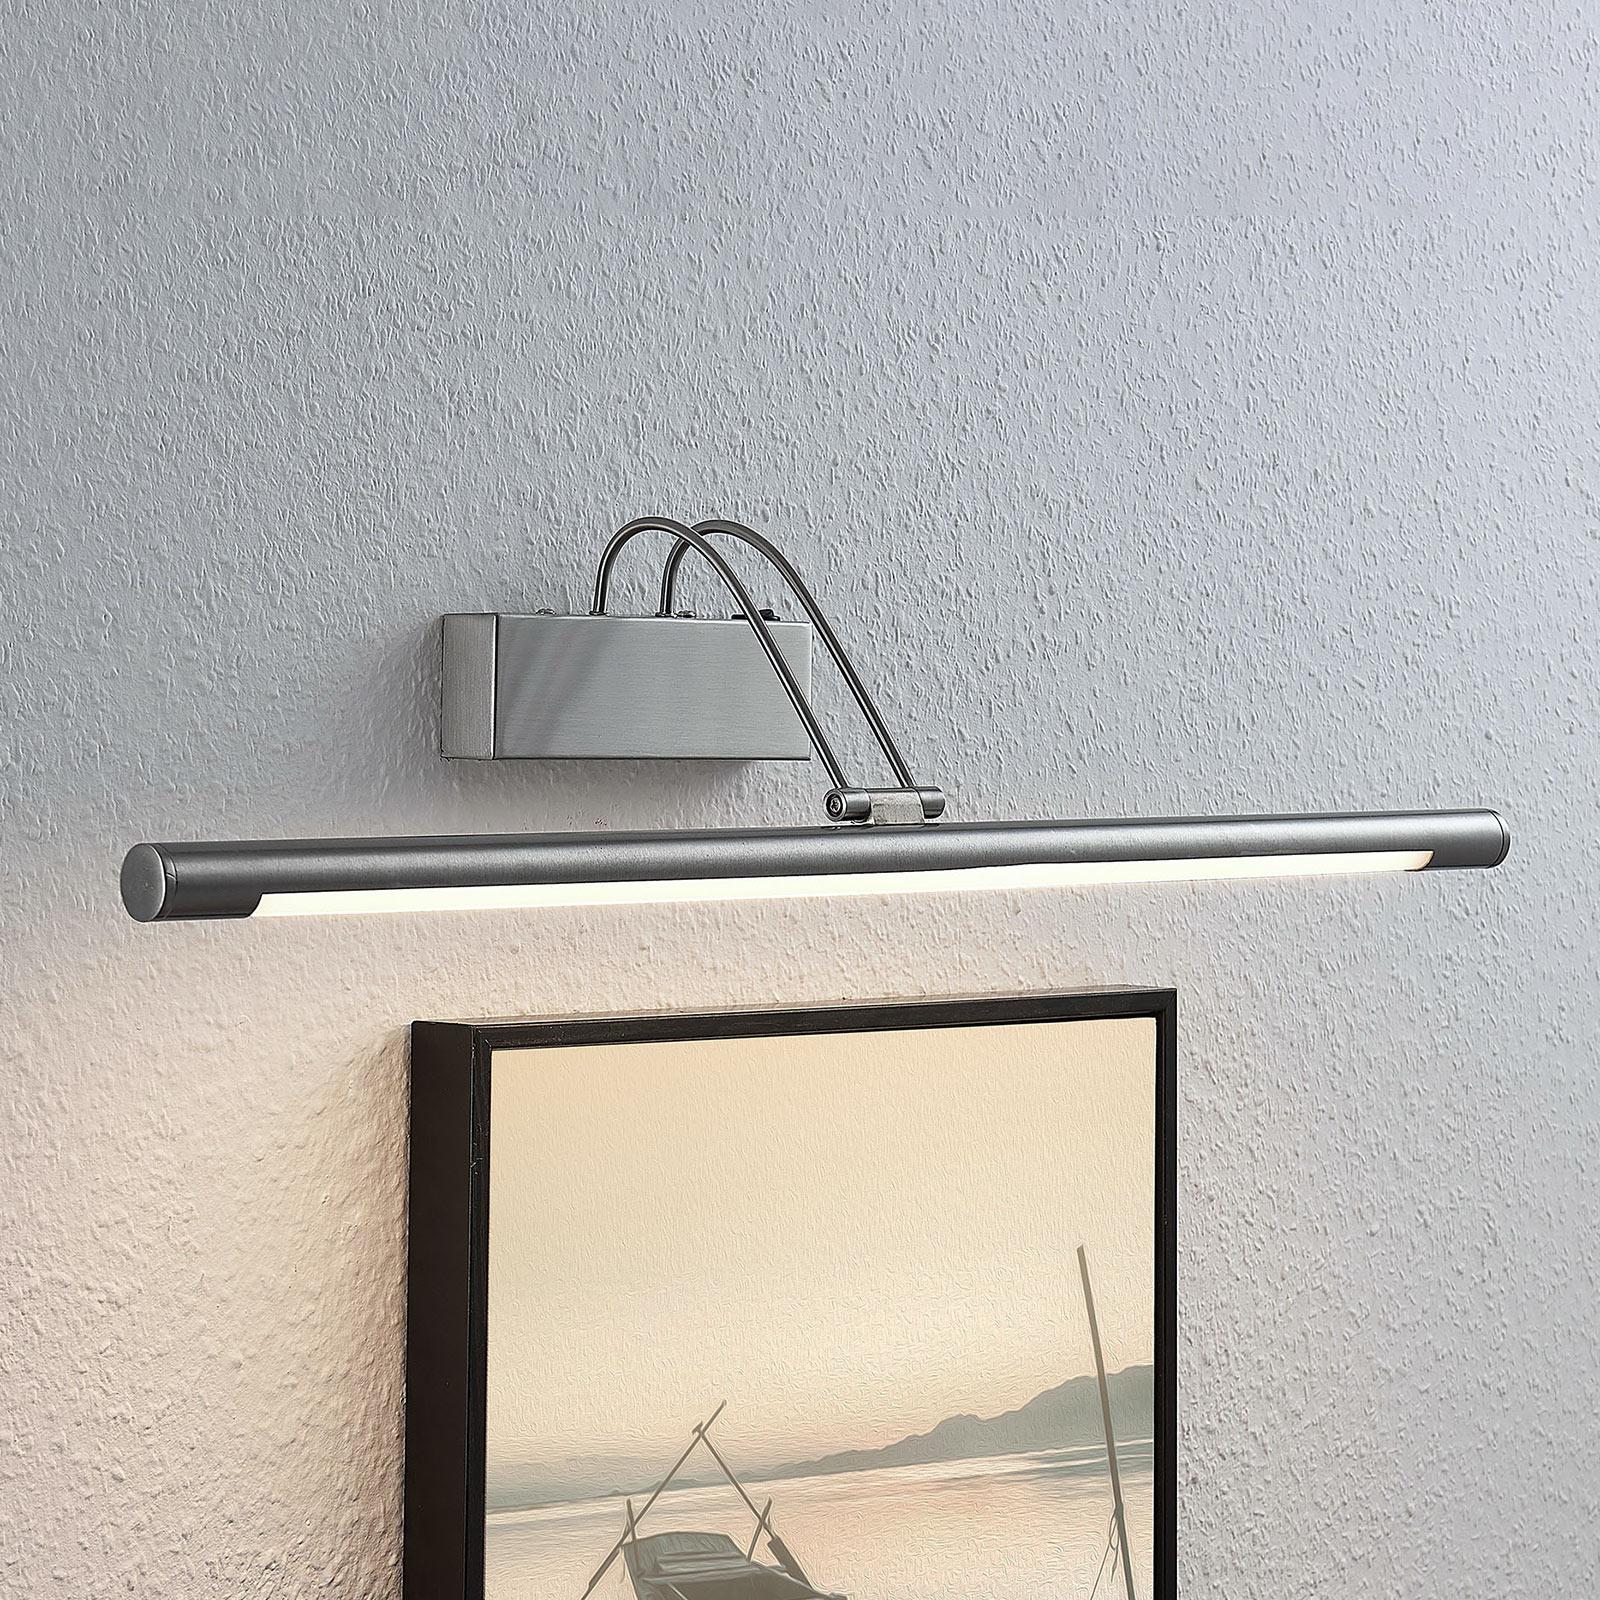 LED-Bilderleuchte Mailine mit Schalter, nickel